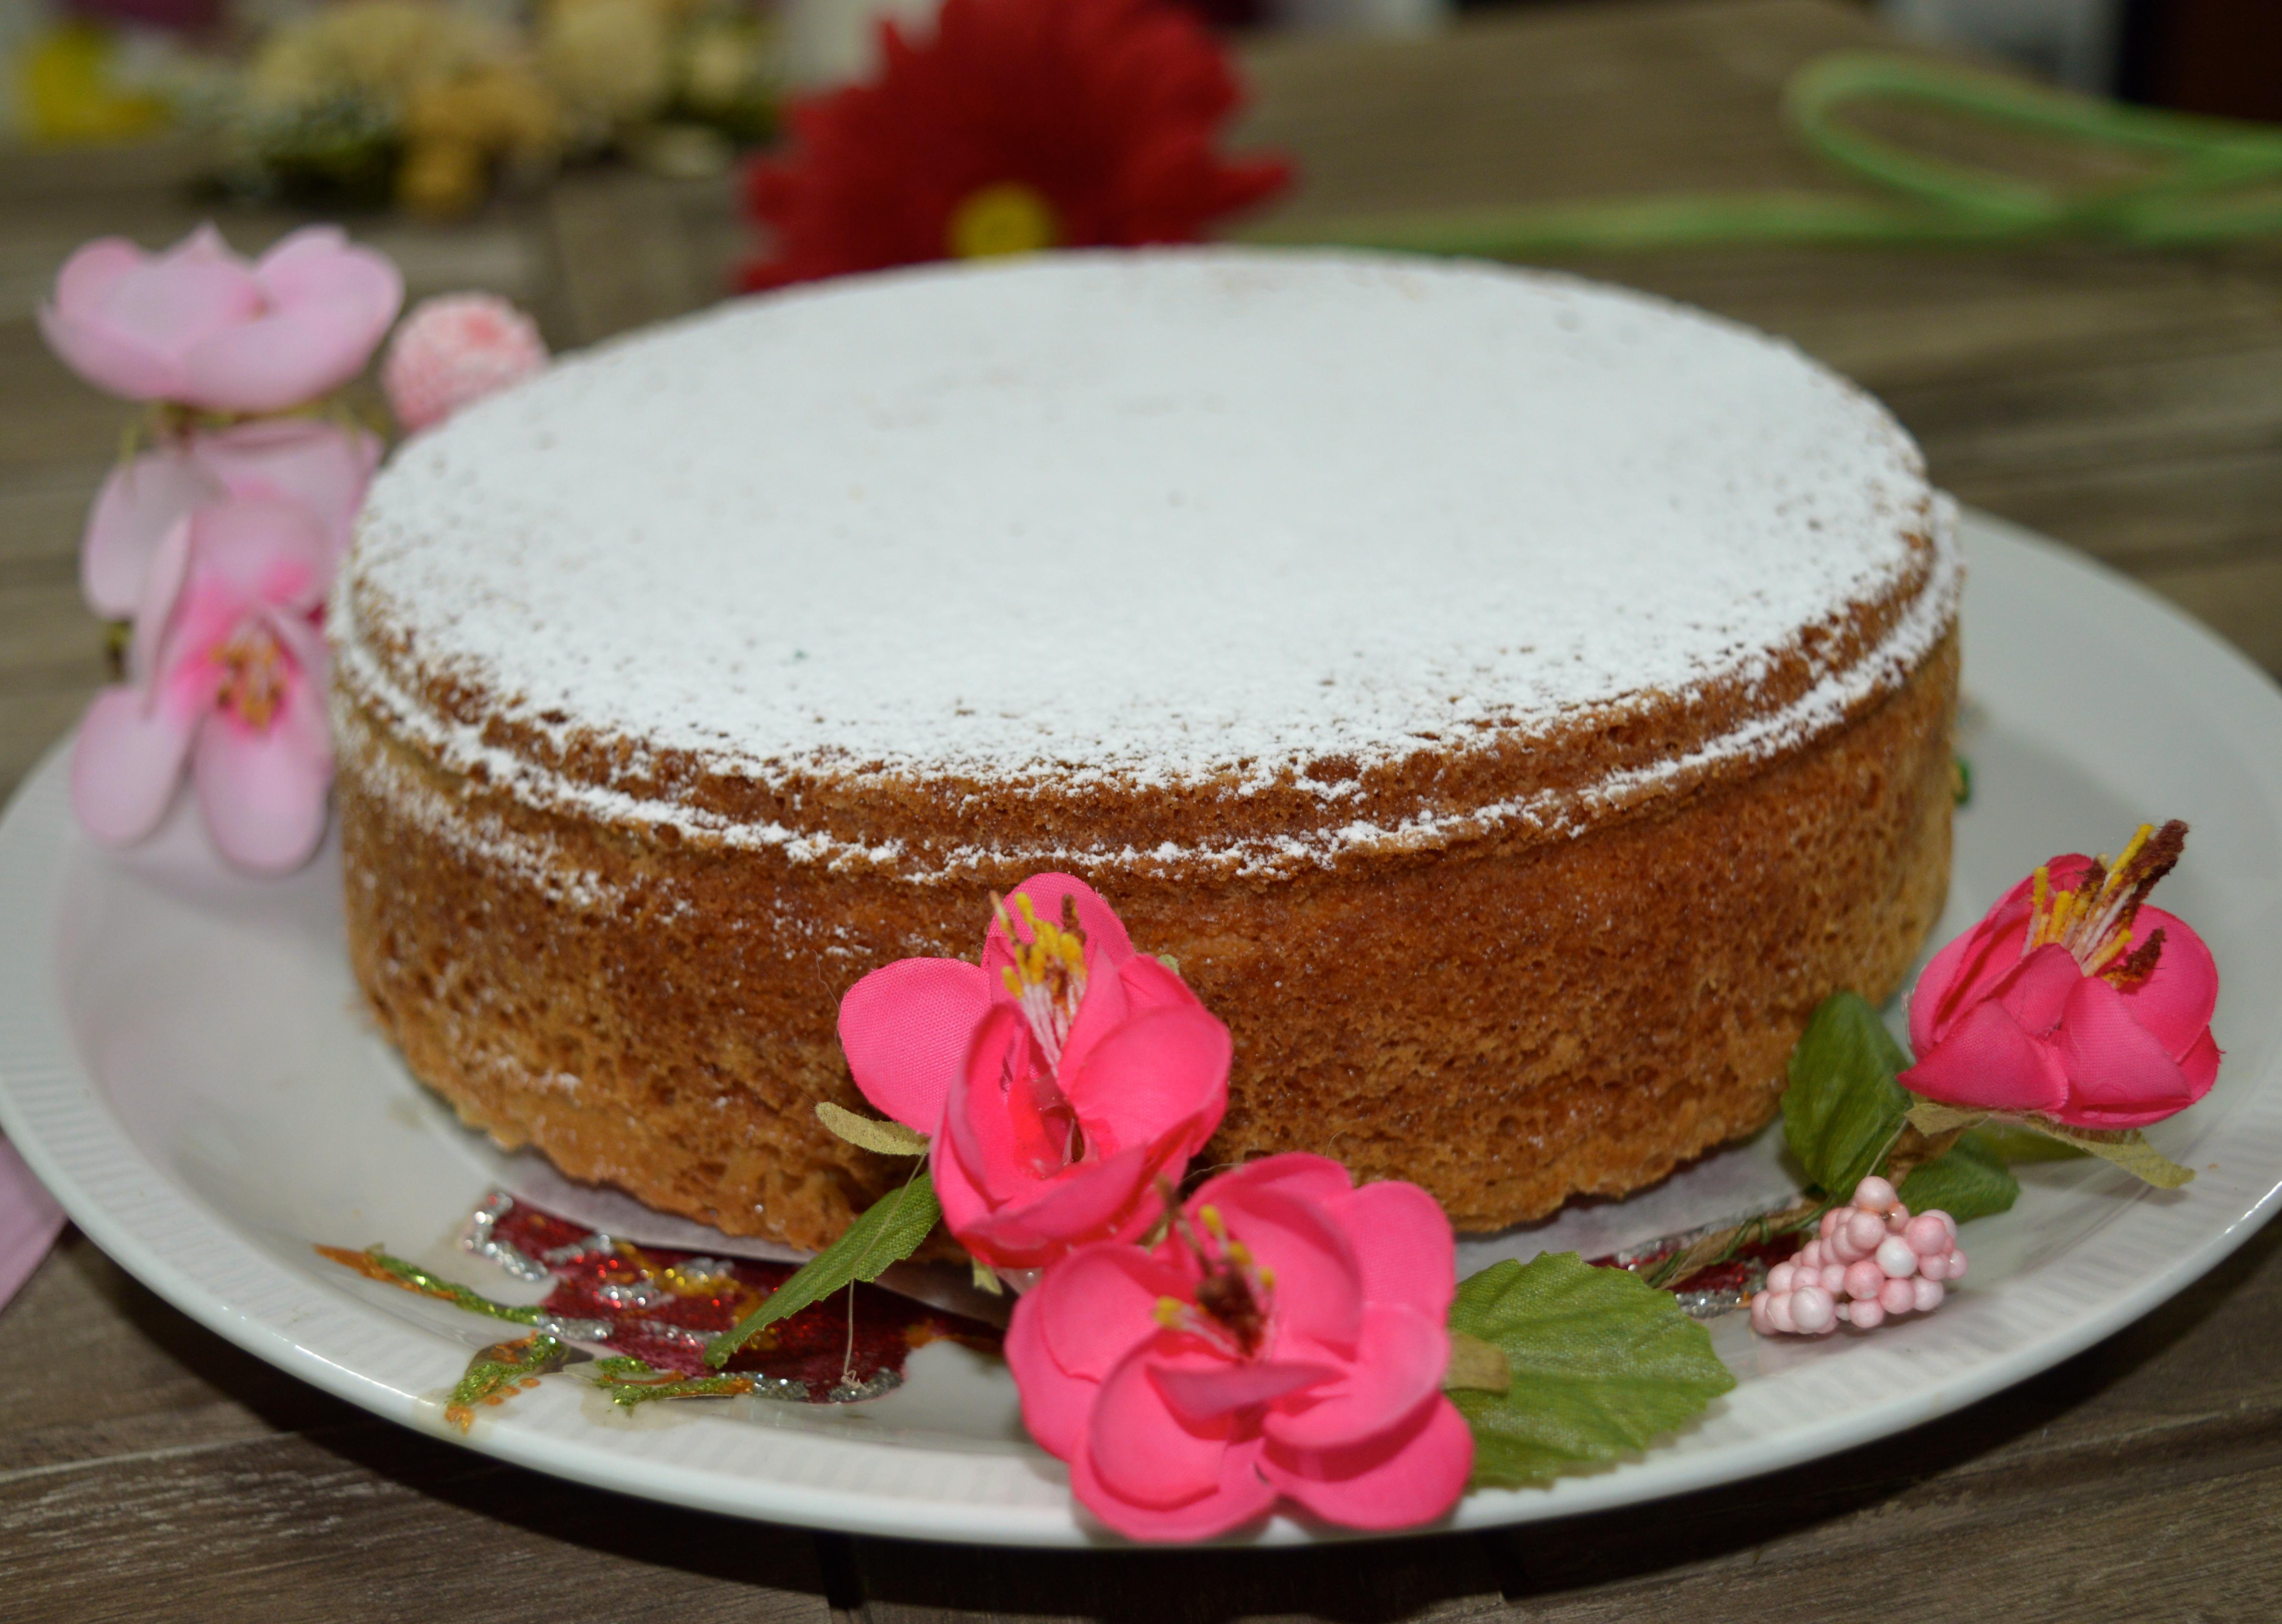 Torta Paradiso, classico della pasticceria italiana. Torta soffice, ottima da sola squisita accompagnata da una crema